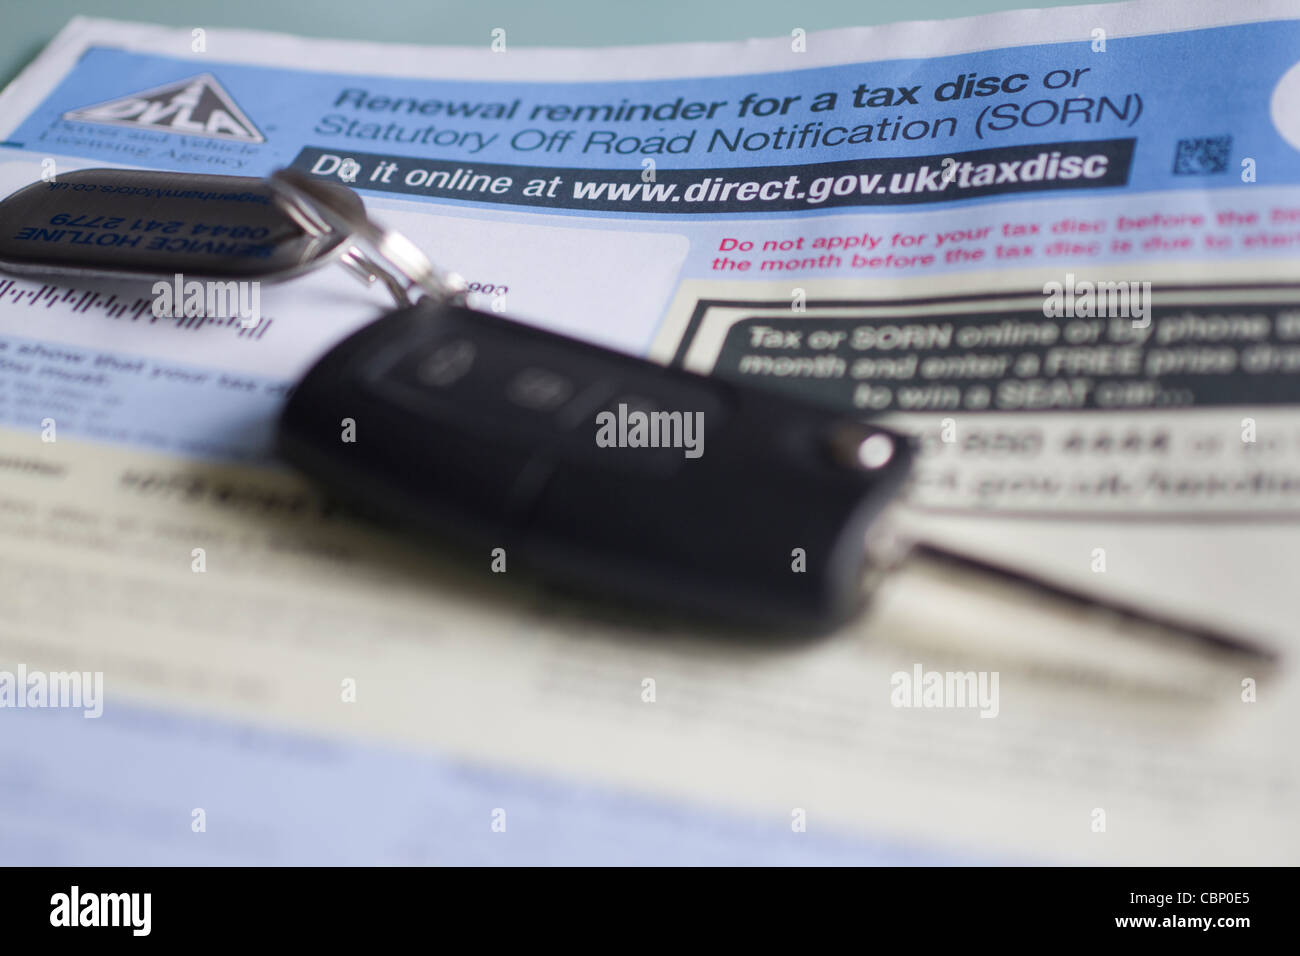 Fonds routier, rappel de renouvellement de licence pour l'impôt ou disque stautory avis sur la taxe sur Photo Stock